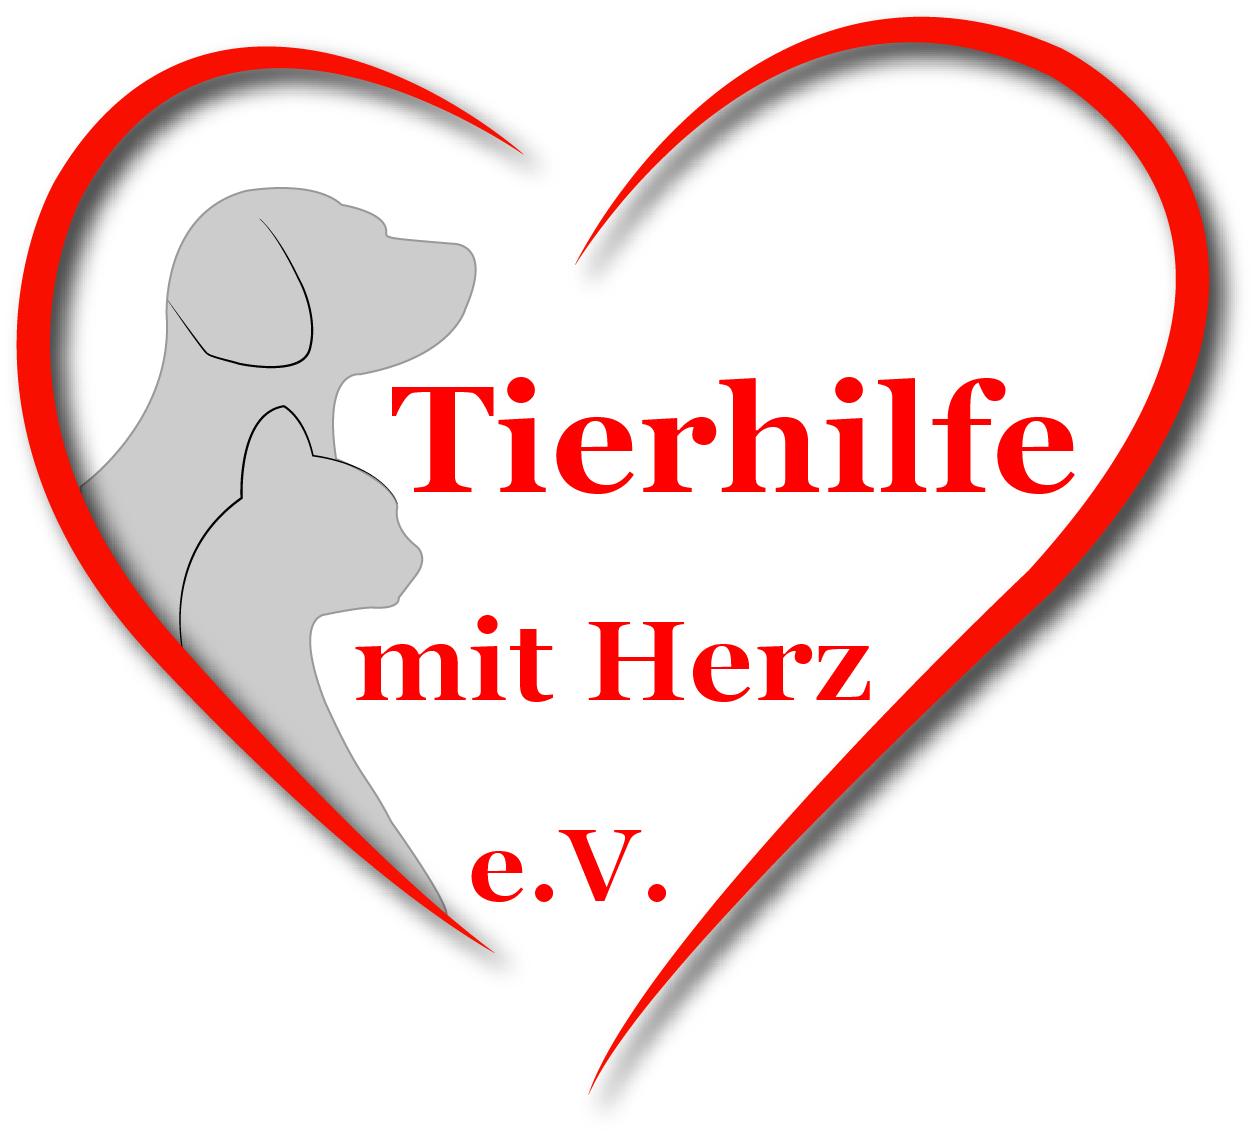 Tierhilfe mit Herz